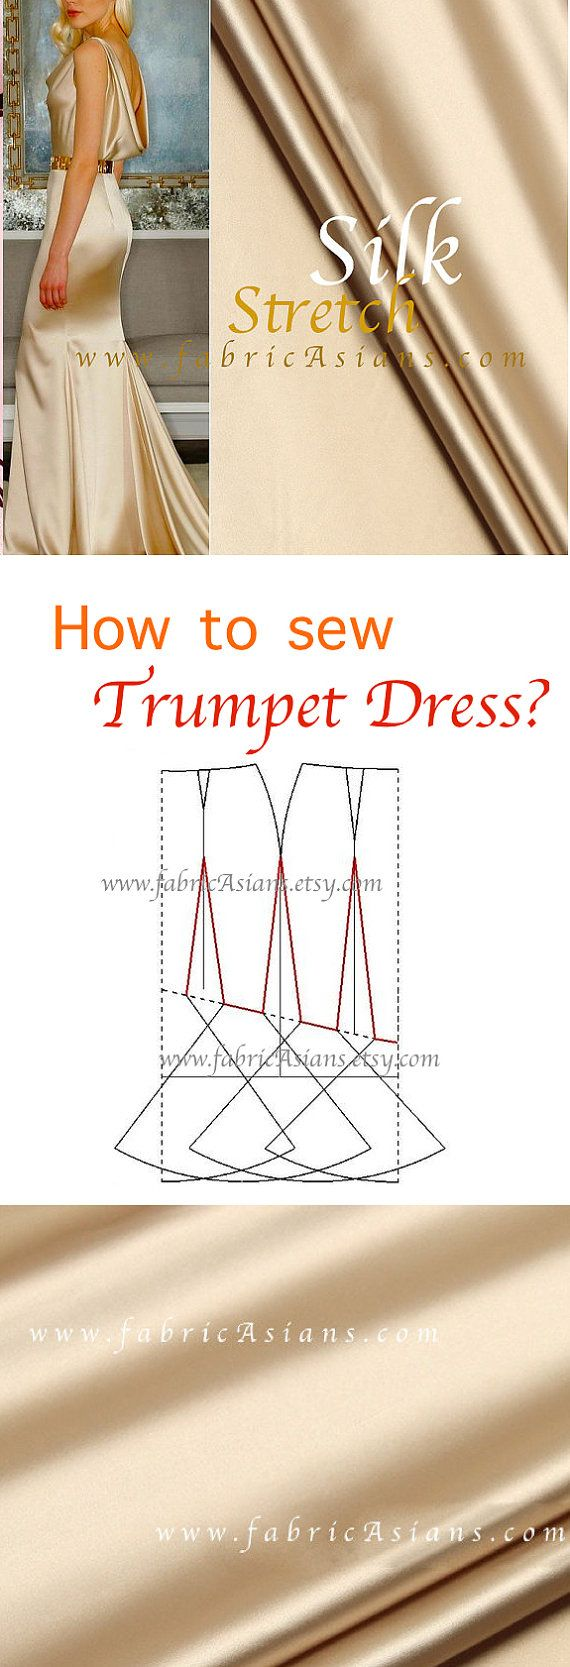 How To Sew Trumpet Dress Pattern Free Pdf Evening Dress